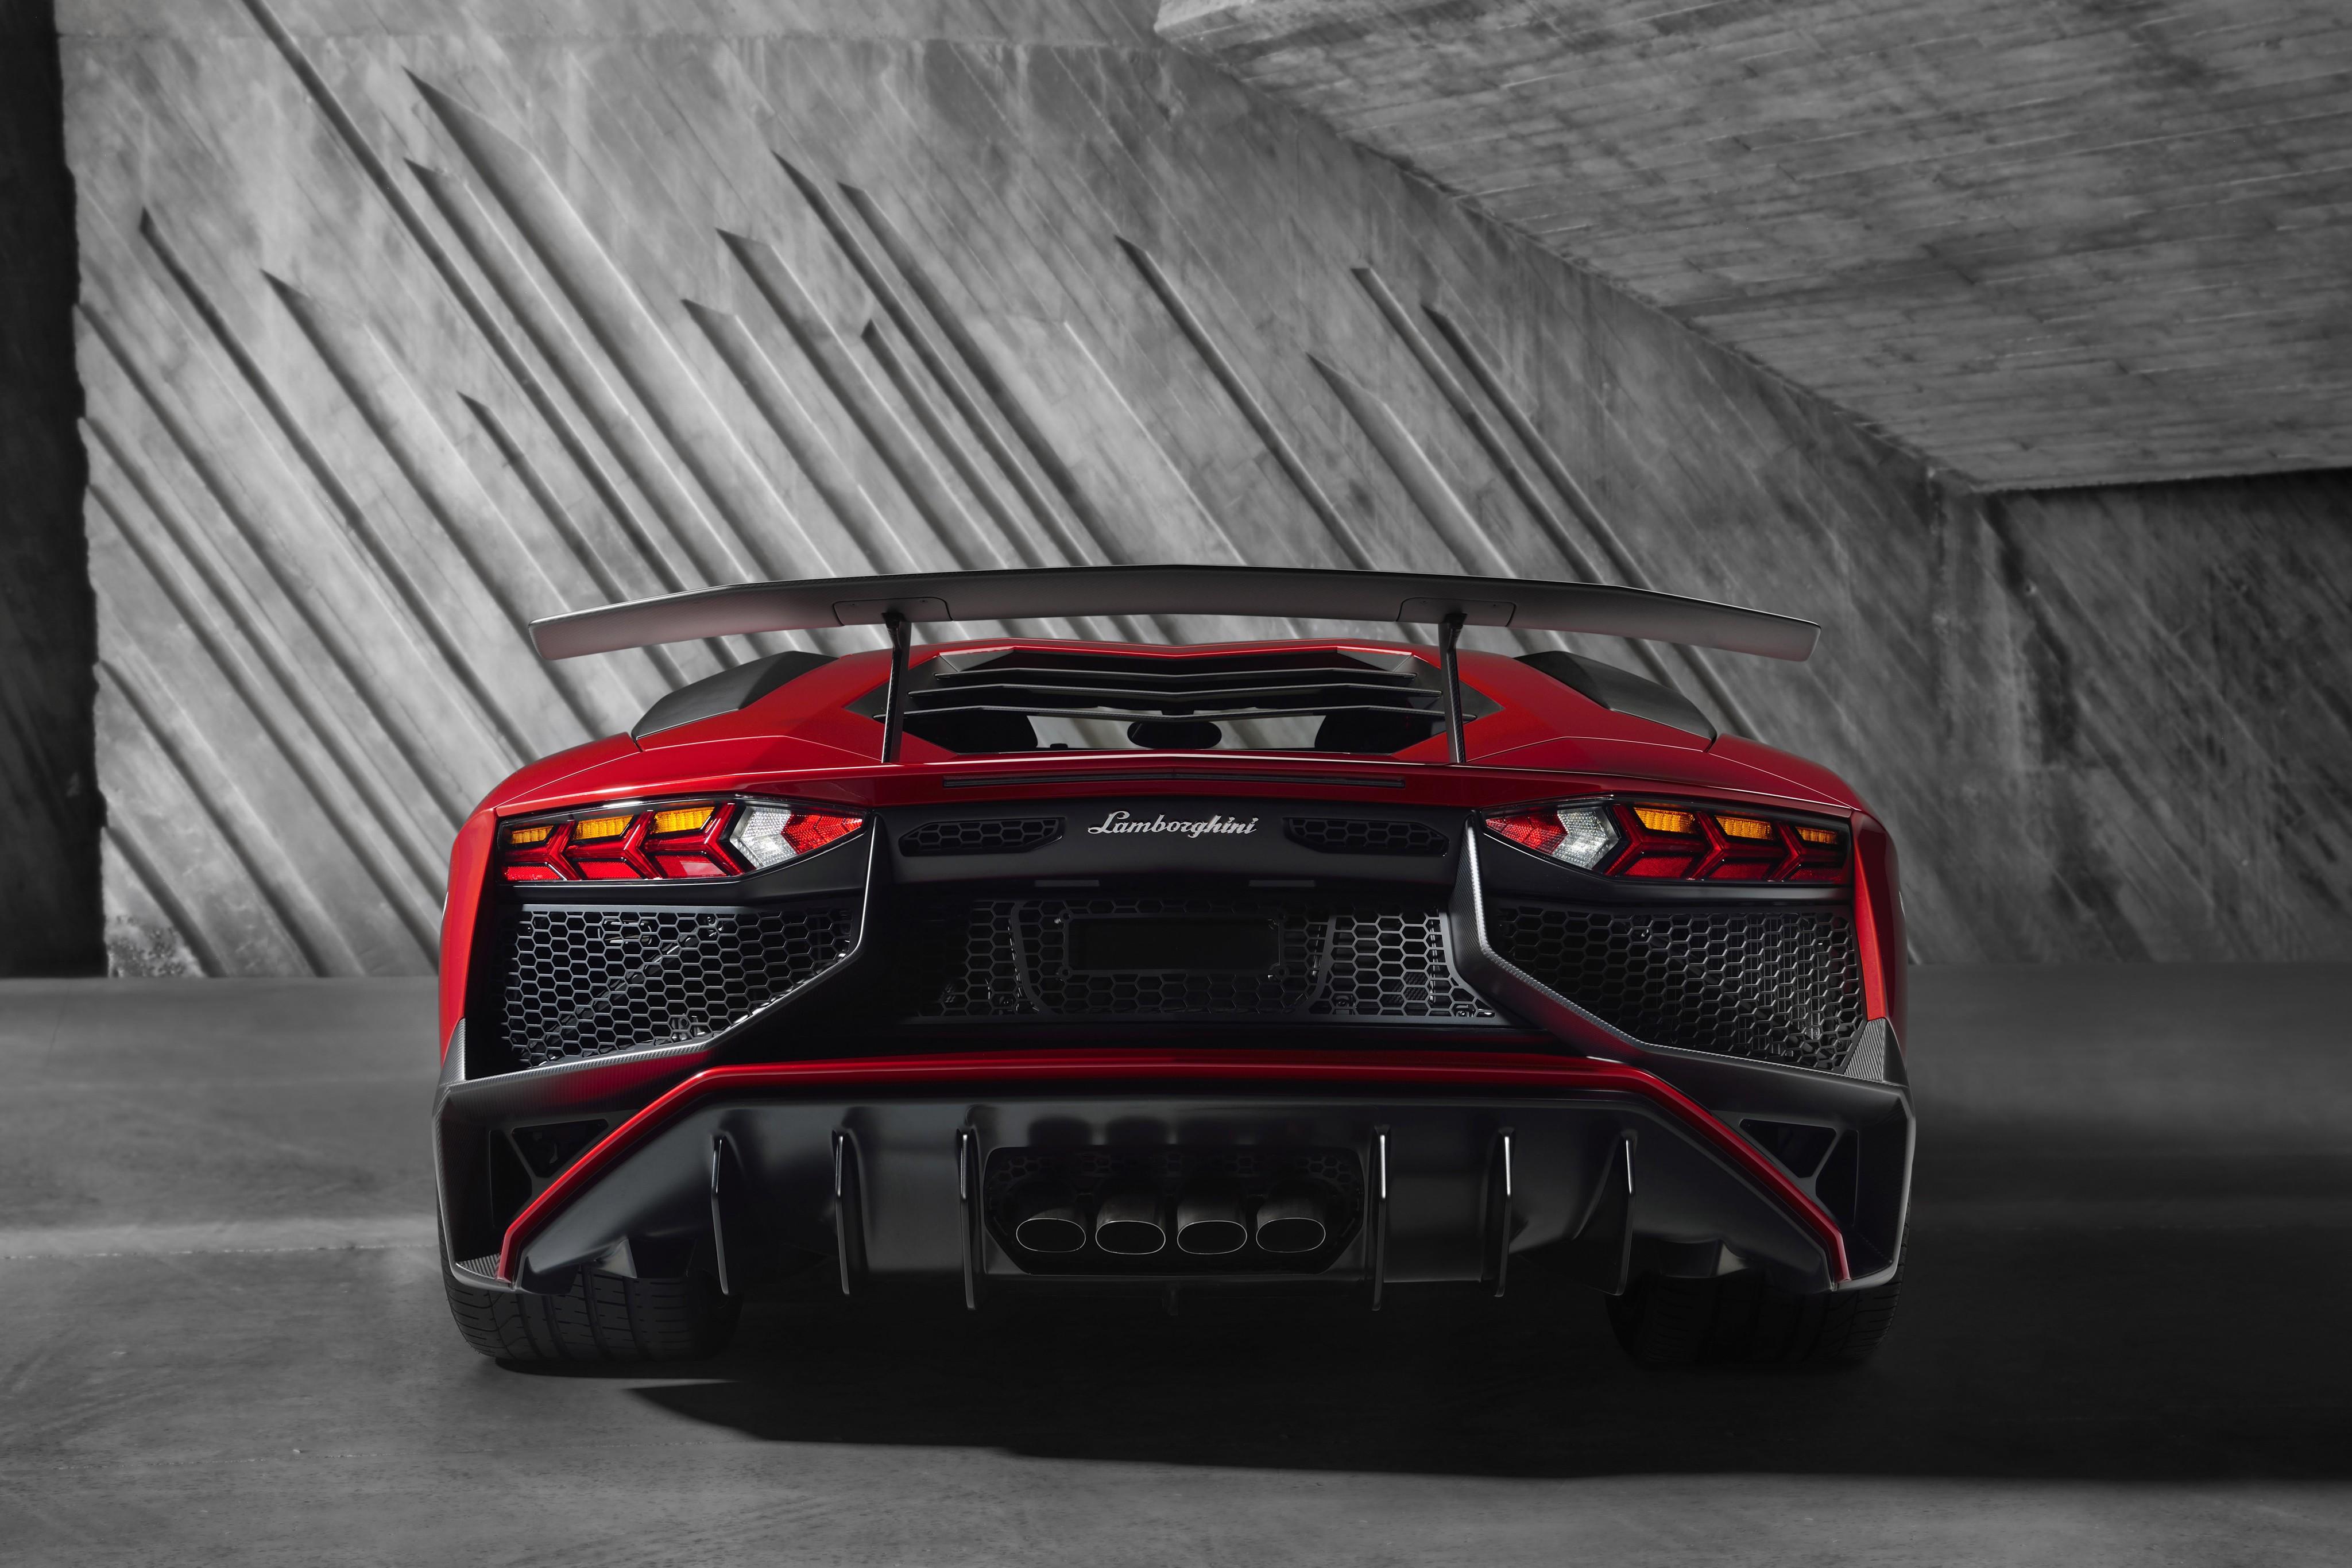 Lamborghini Aventador Price 2018